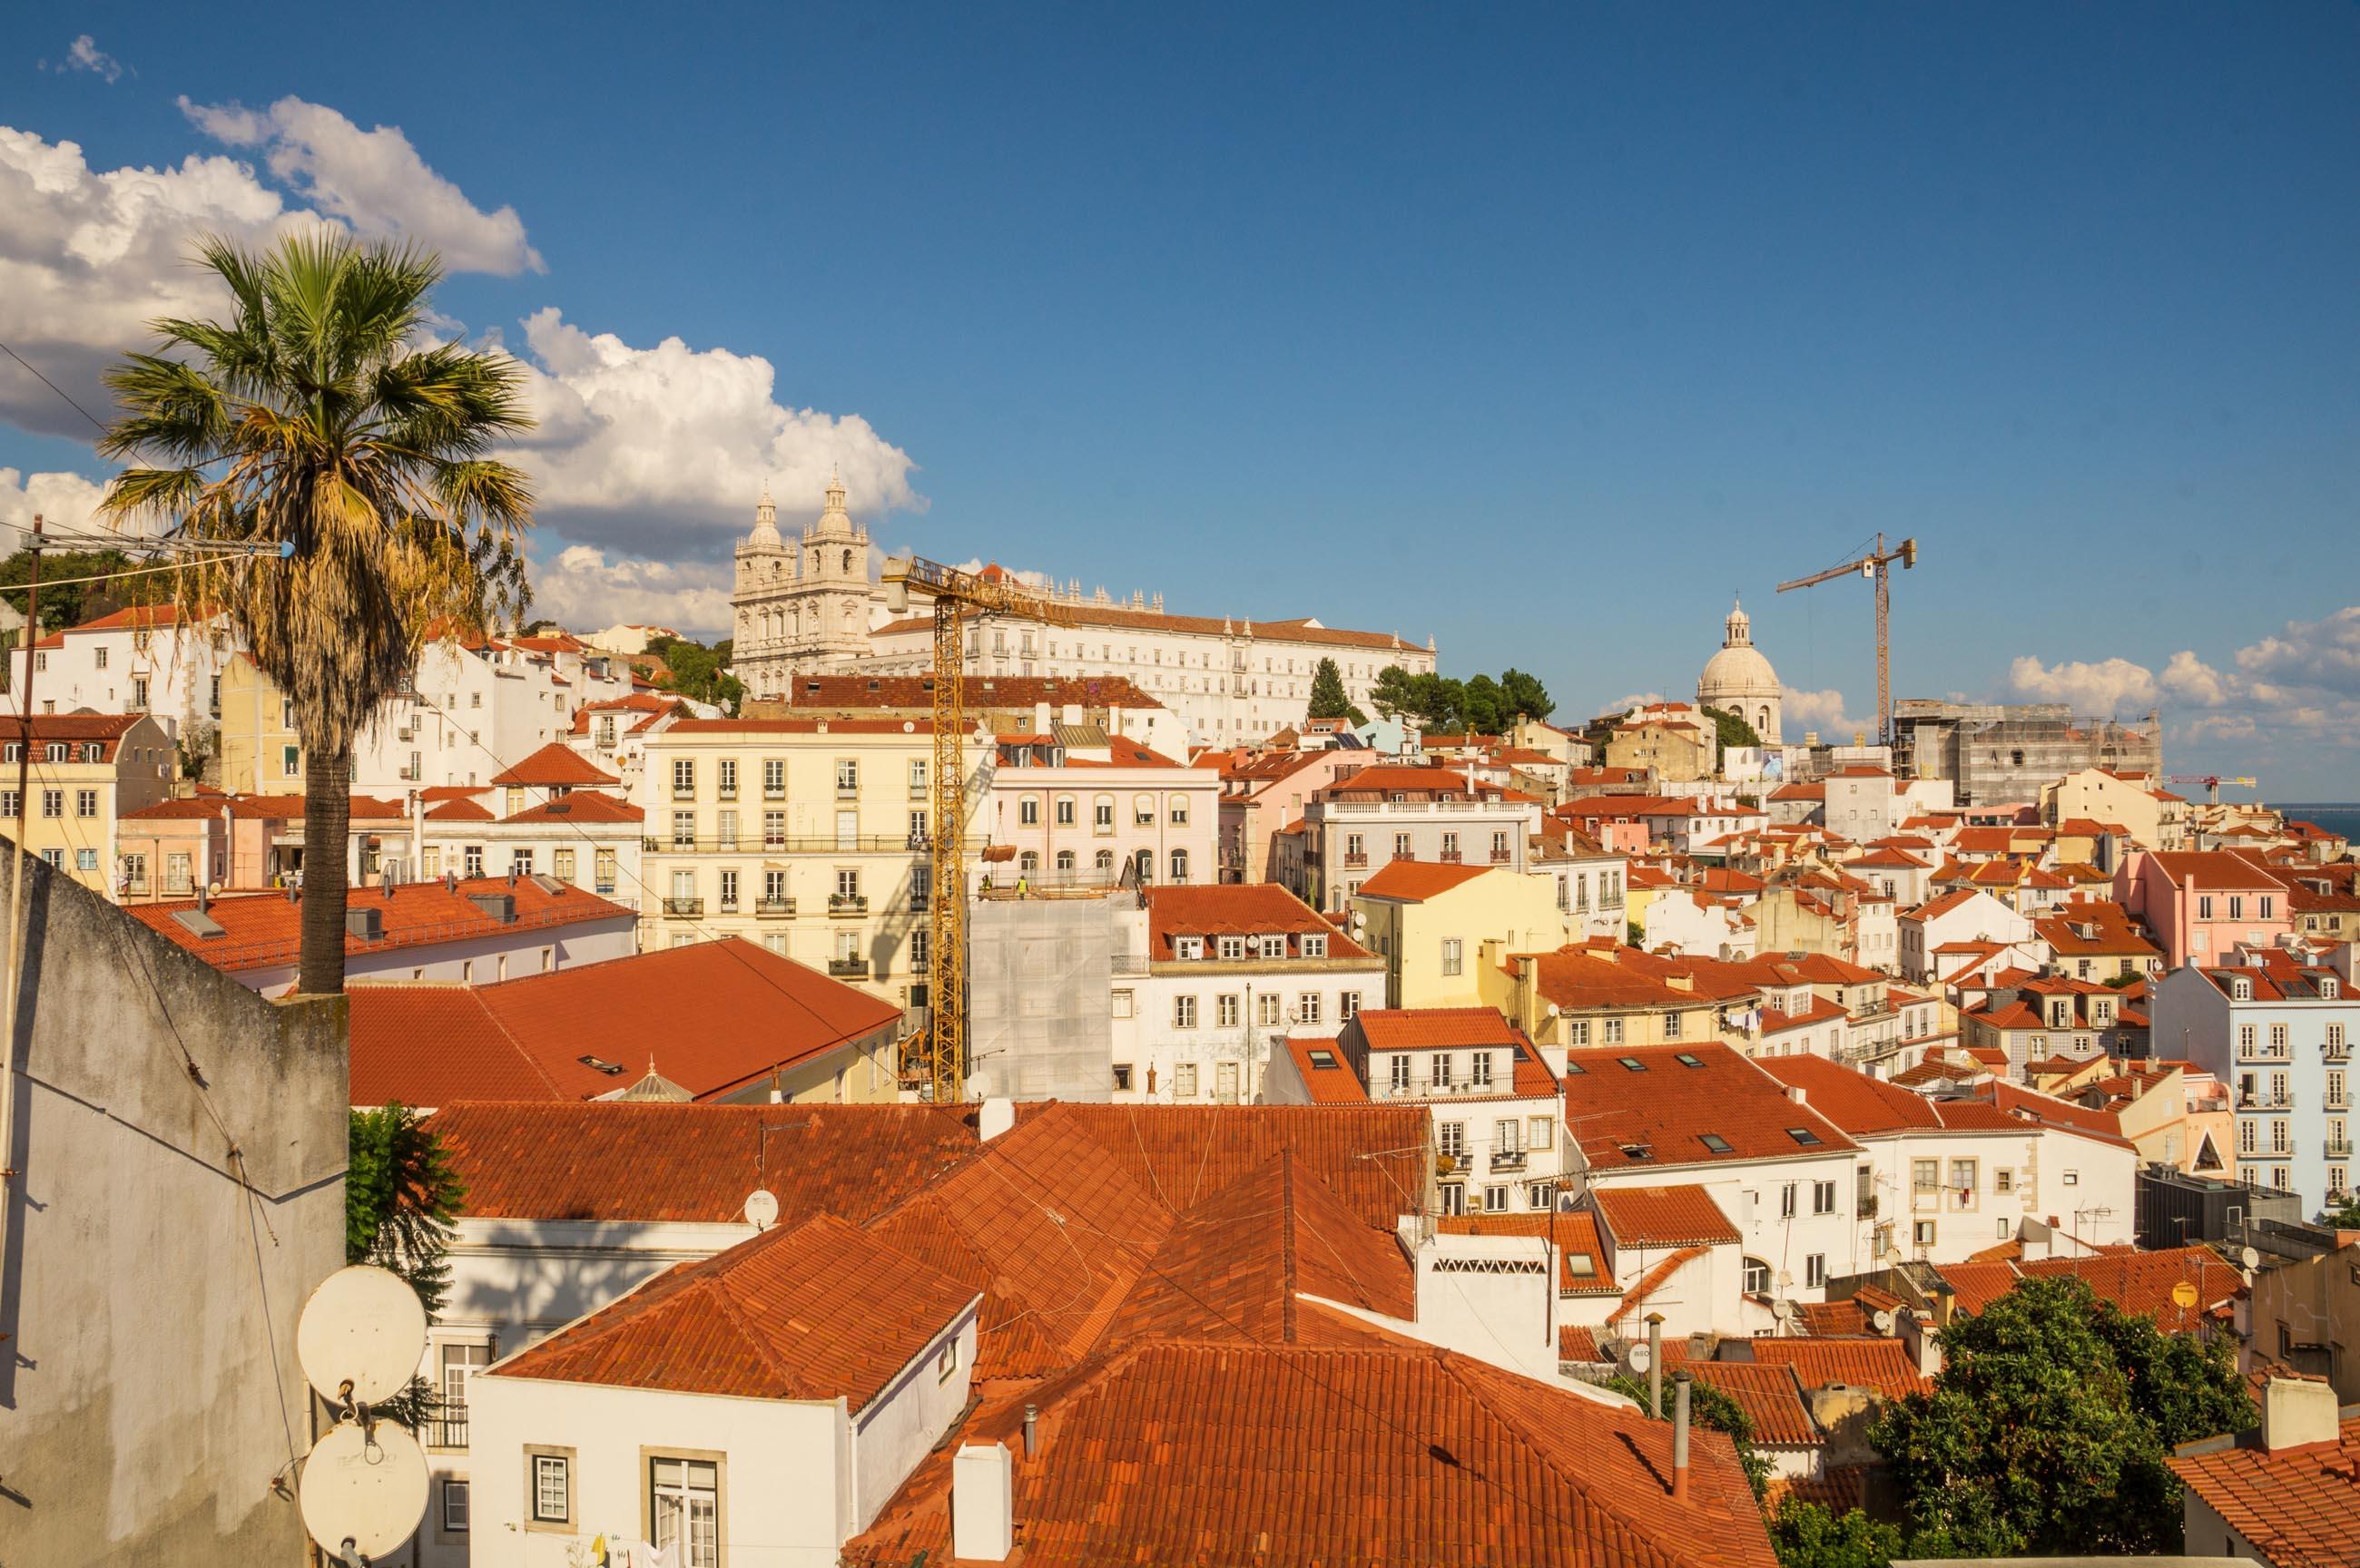 https://bubo.sk/uploads/galleries/5052/jozefzeliznakst_portugalsko_lisabon_dsc06027.jpg